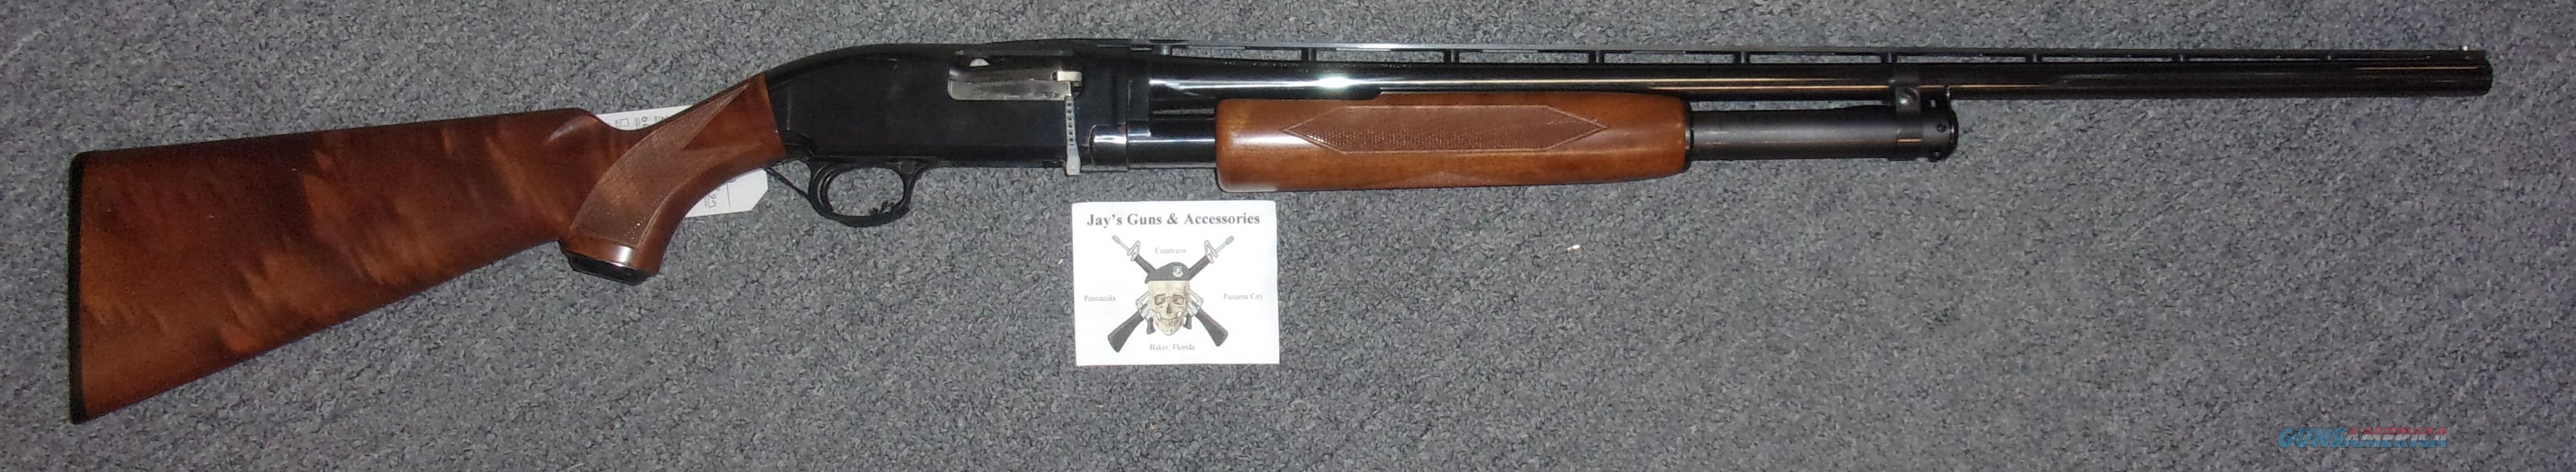 Browning 12 Limited Edition Grade I  Guns > Shotguns > Browning Shotguns > Pump Action > Hunting